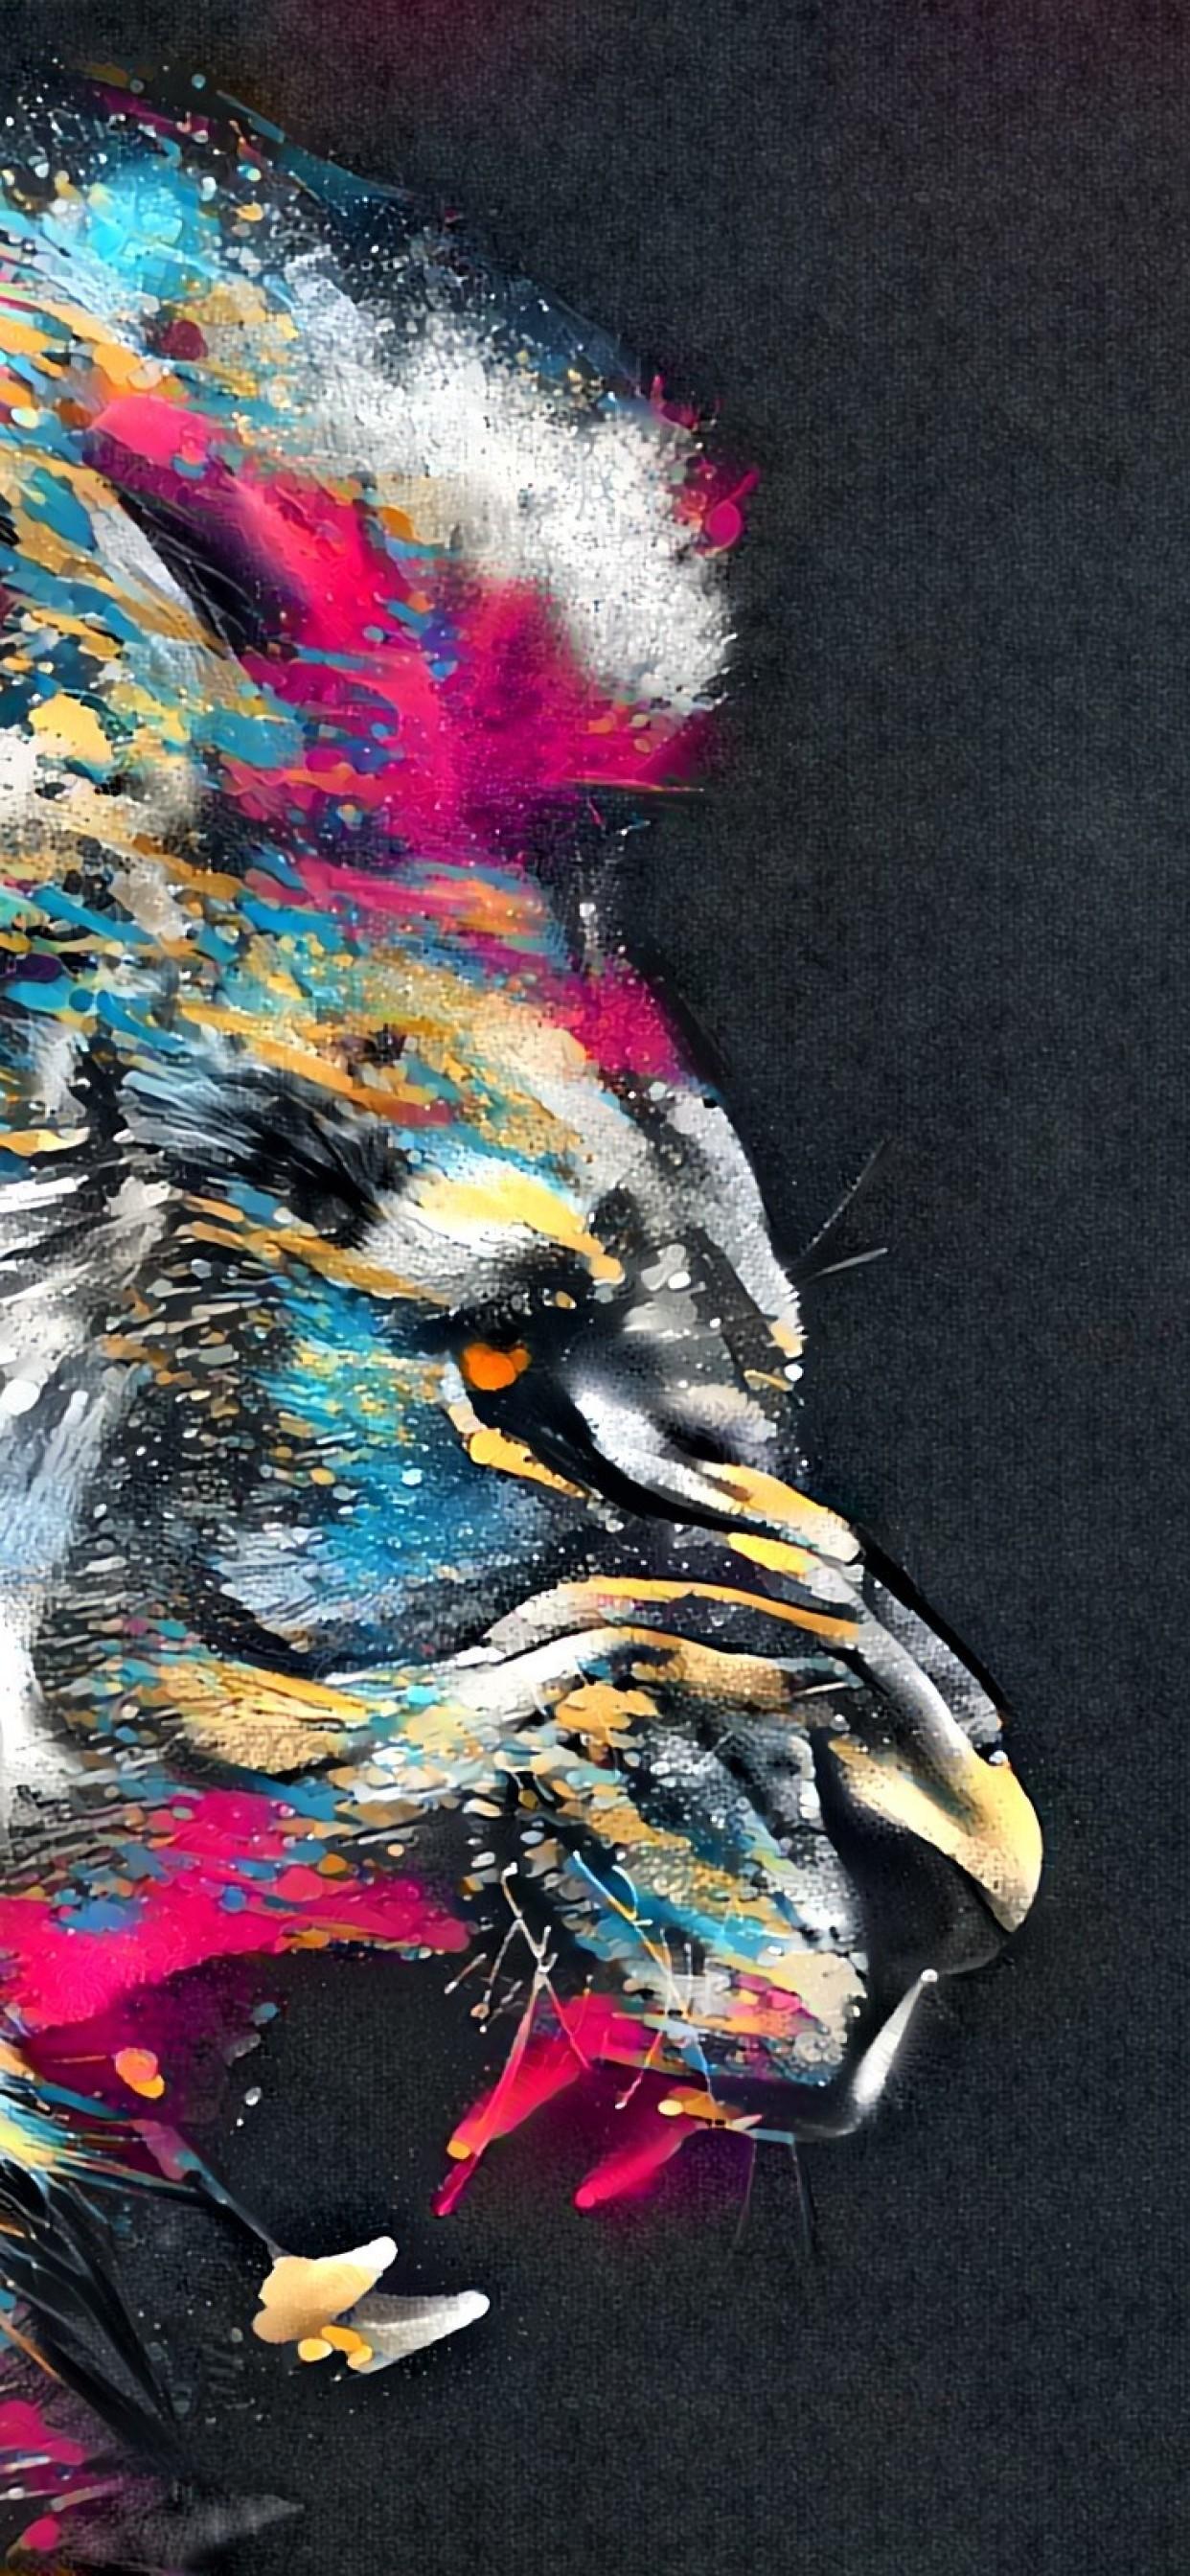 Lion Wallpaper Abstract - HD Wallpaper